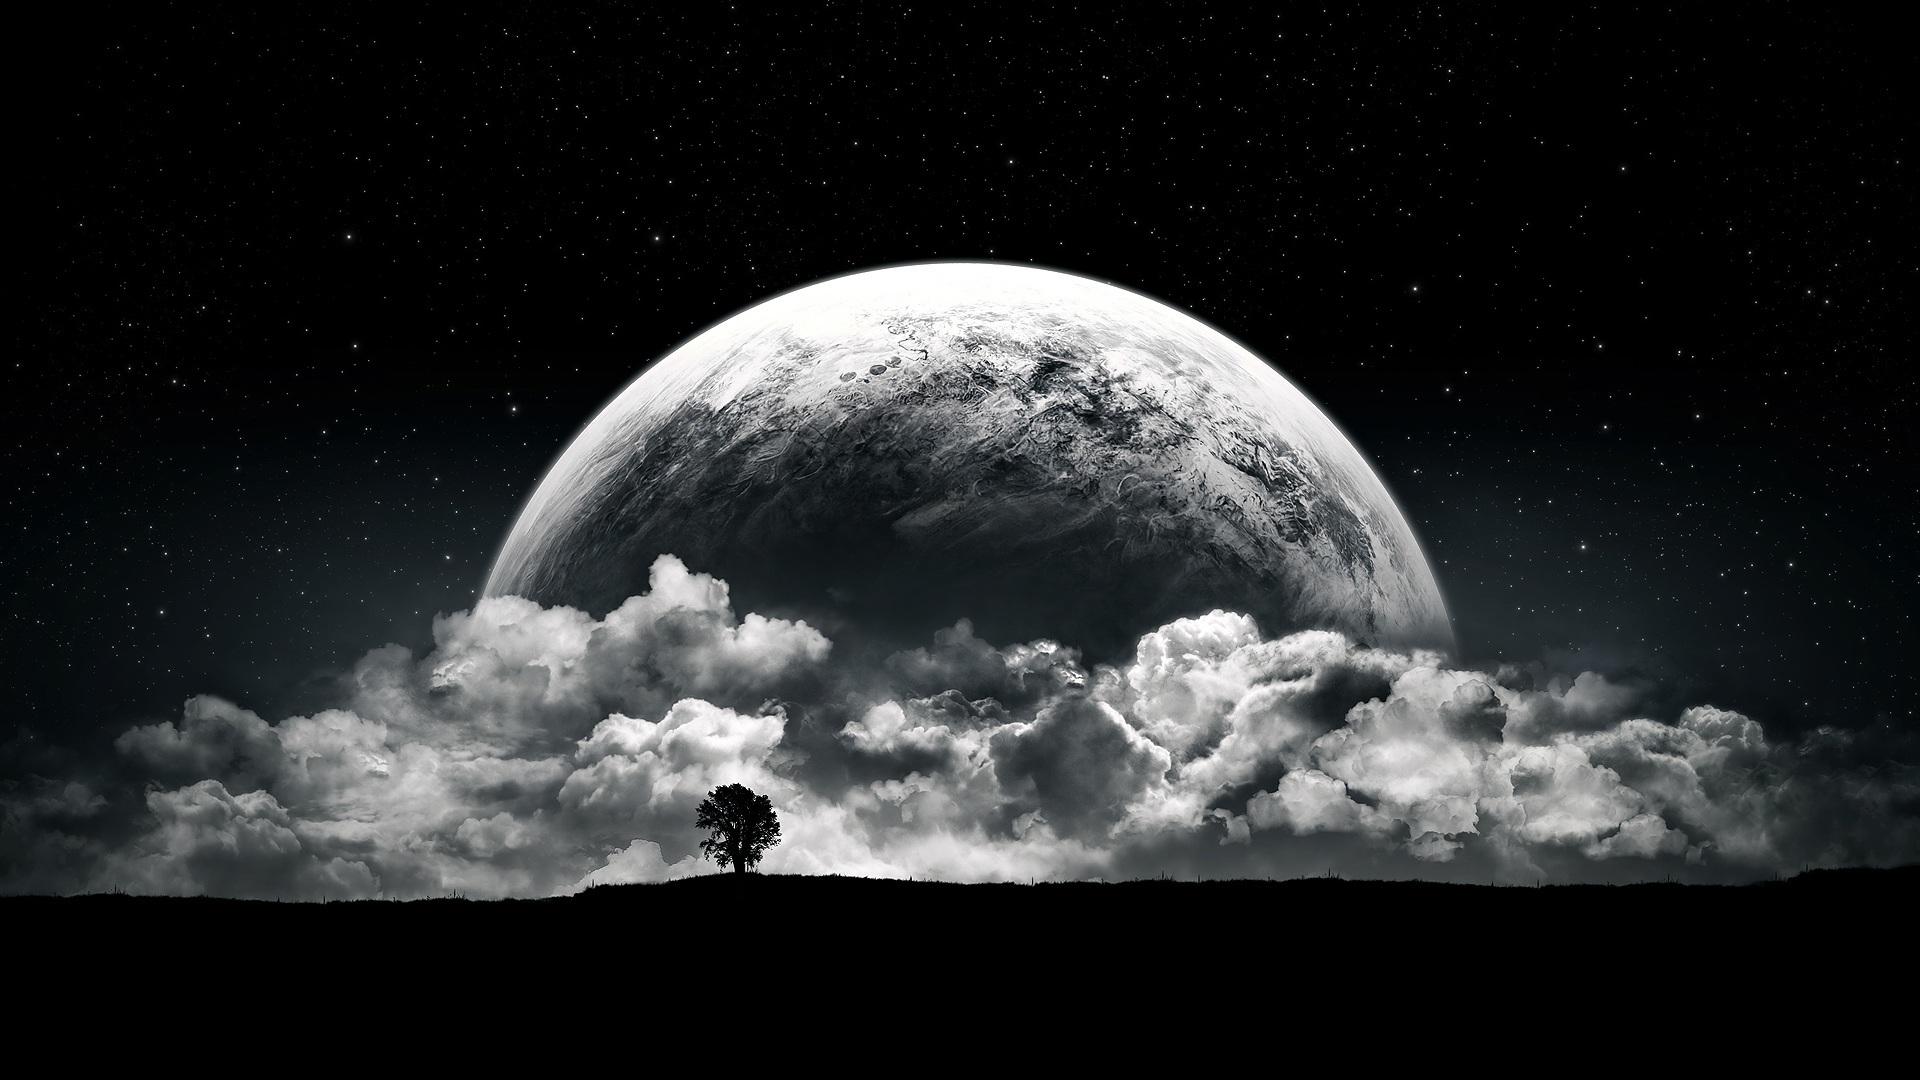 19067 скачать обои Пейзаж, Ночь, Облака, Луна - заставки и картинки бесплатно